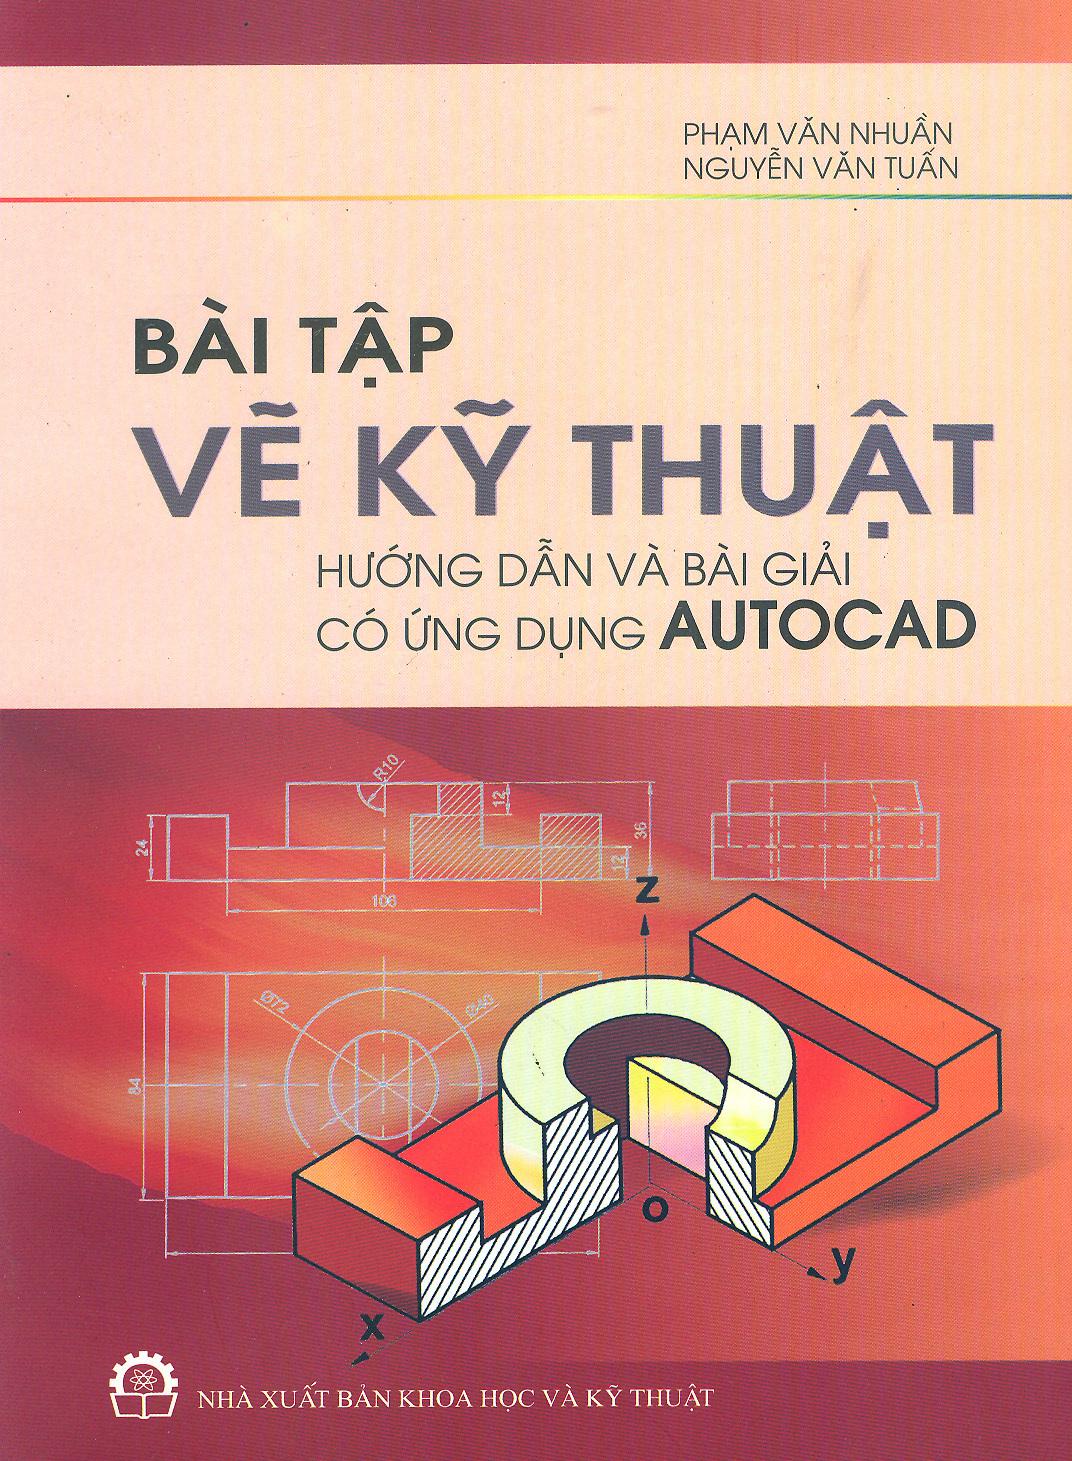 Bài Tập Vẽ Kỹ Thuật – Hướng Dẫn Và Bài Giải Có Ứng Dụng Autocad